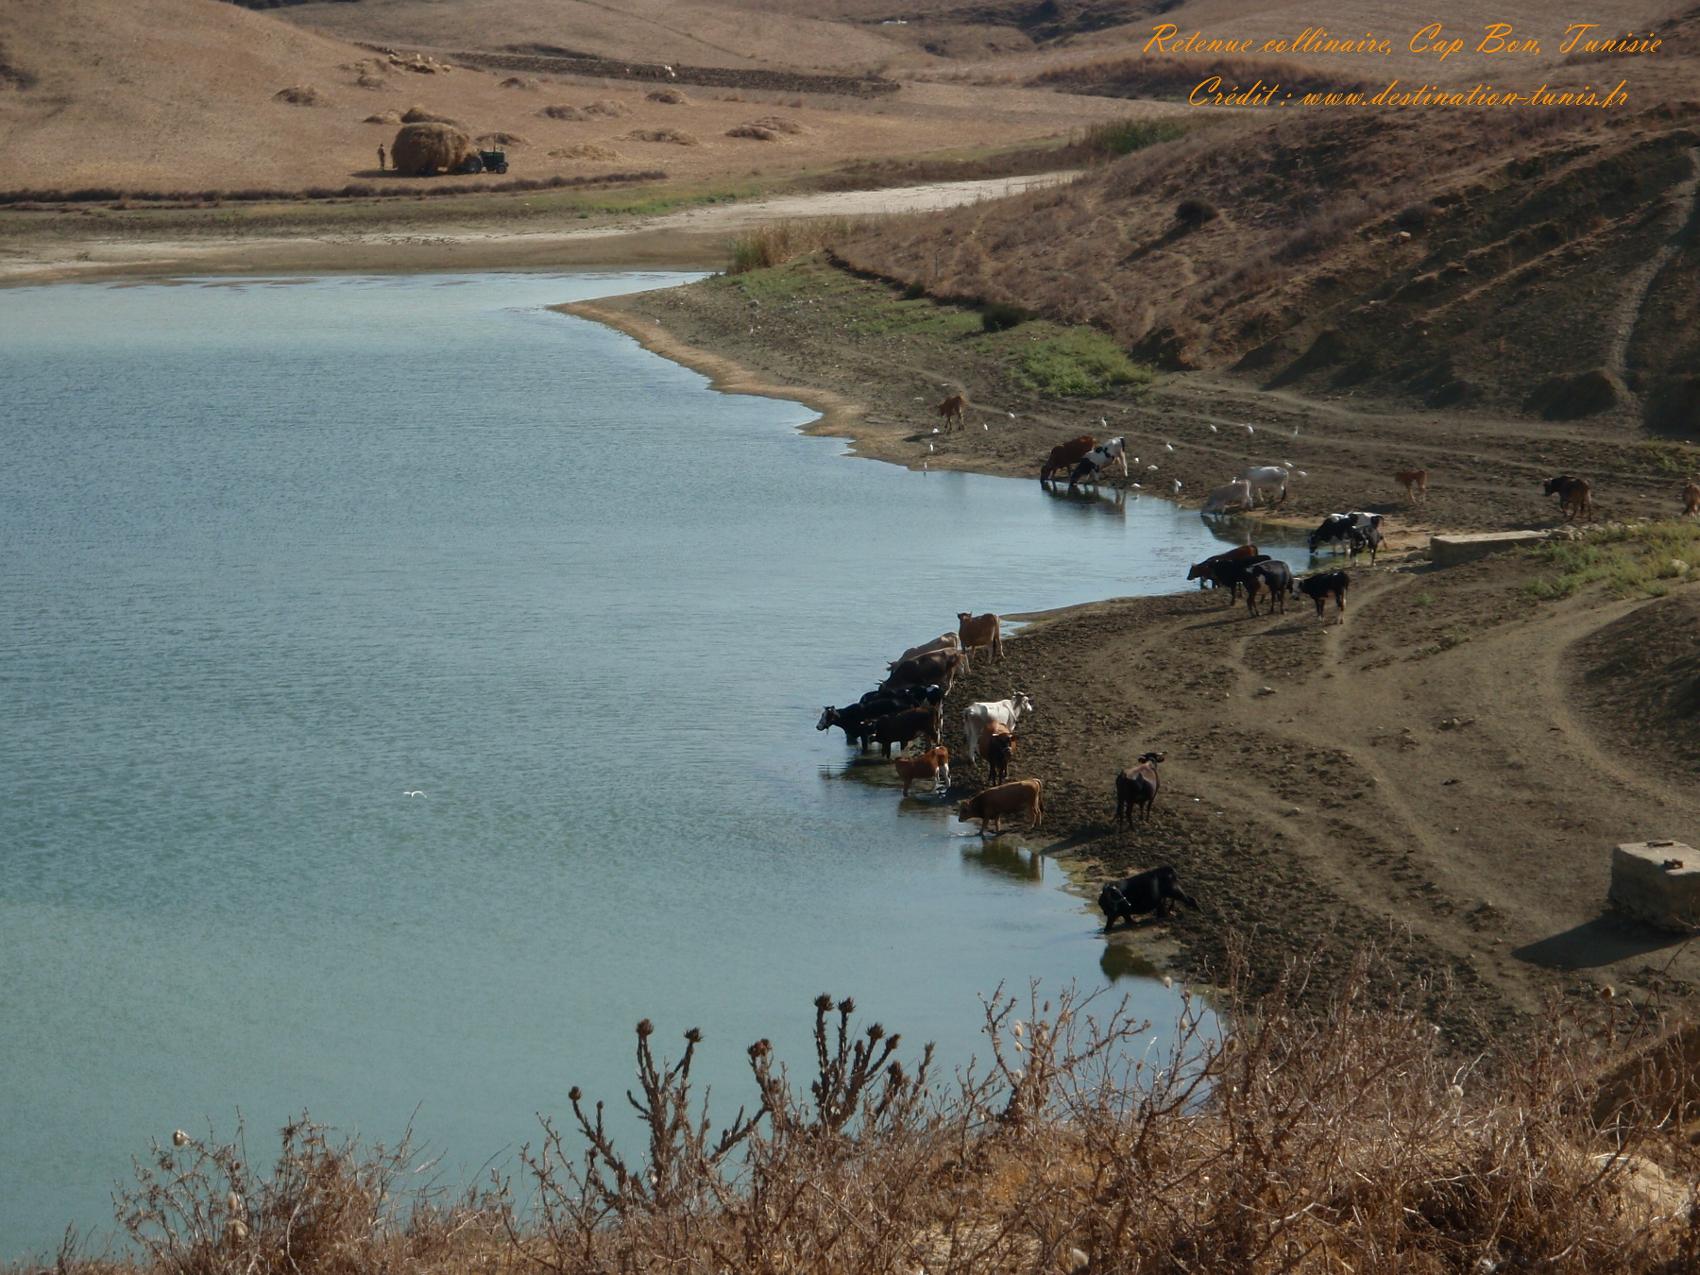 Fonds d'écran Montagne et Nature de Tunisie Retenue collinaire Cap Bon Tunisie